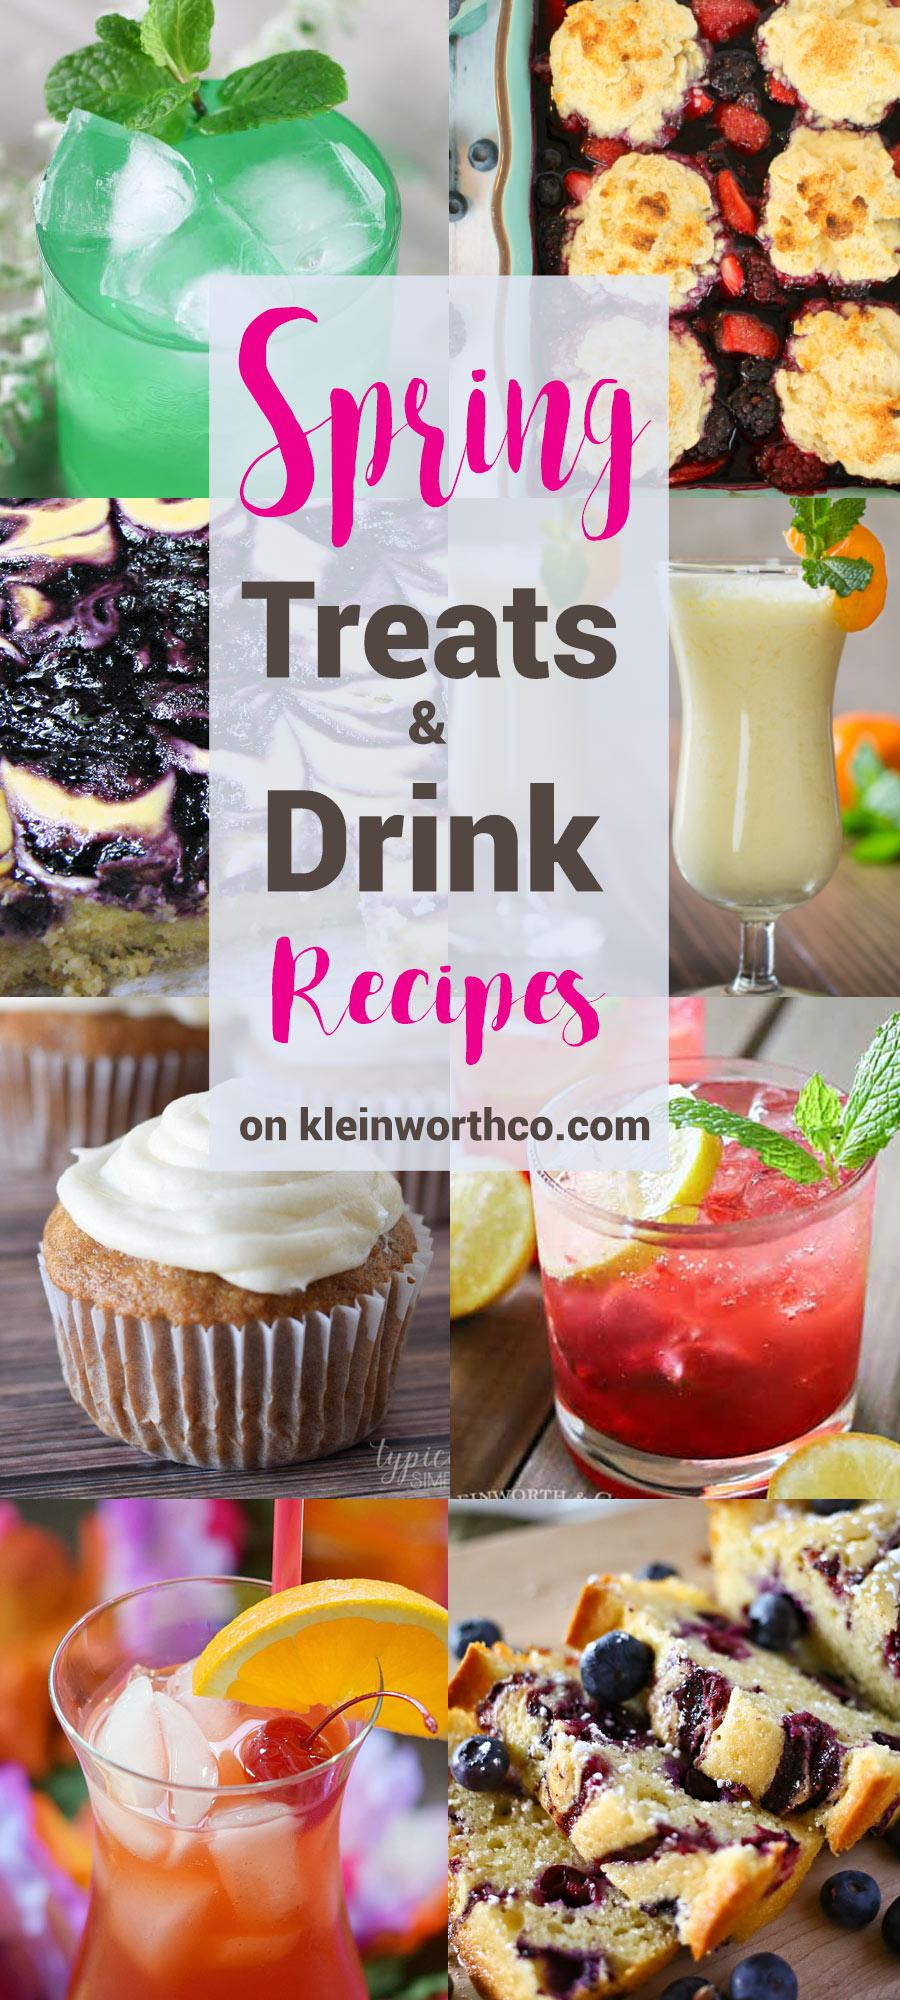 Spring Treats & Drink Recipes